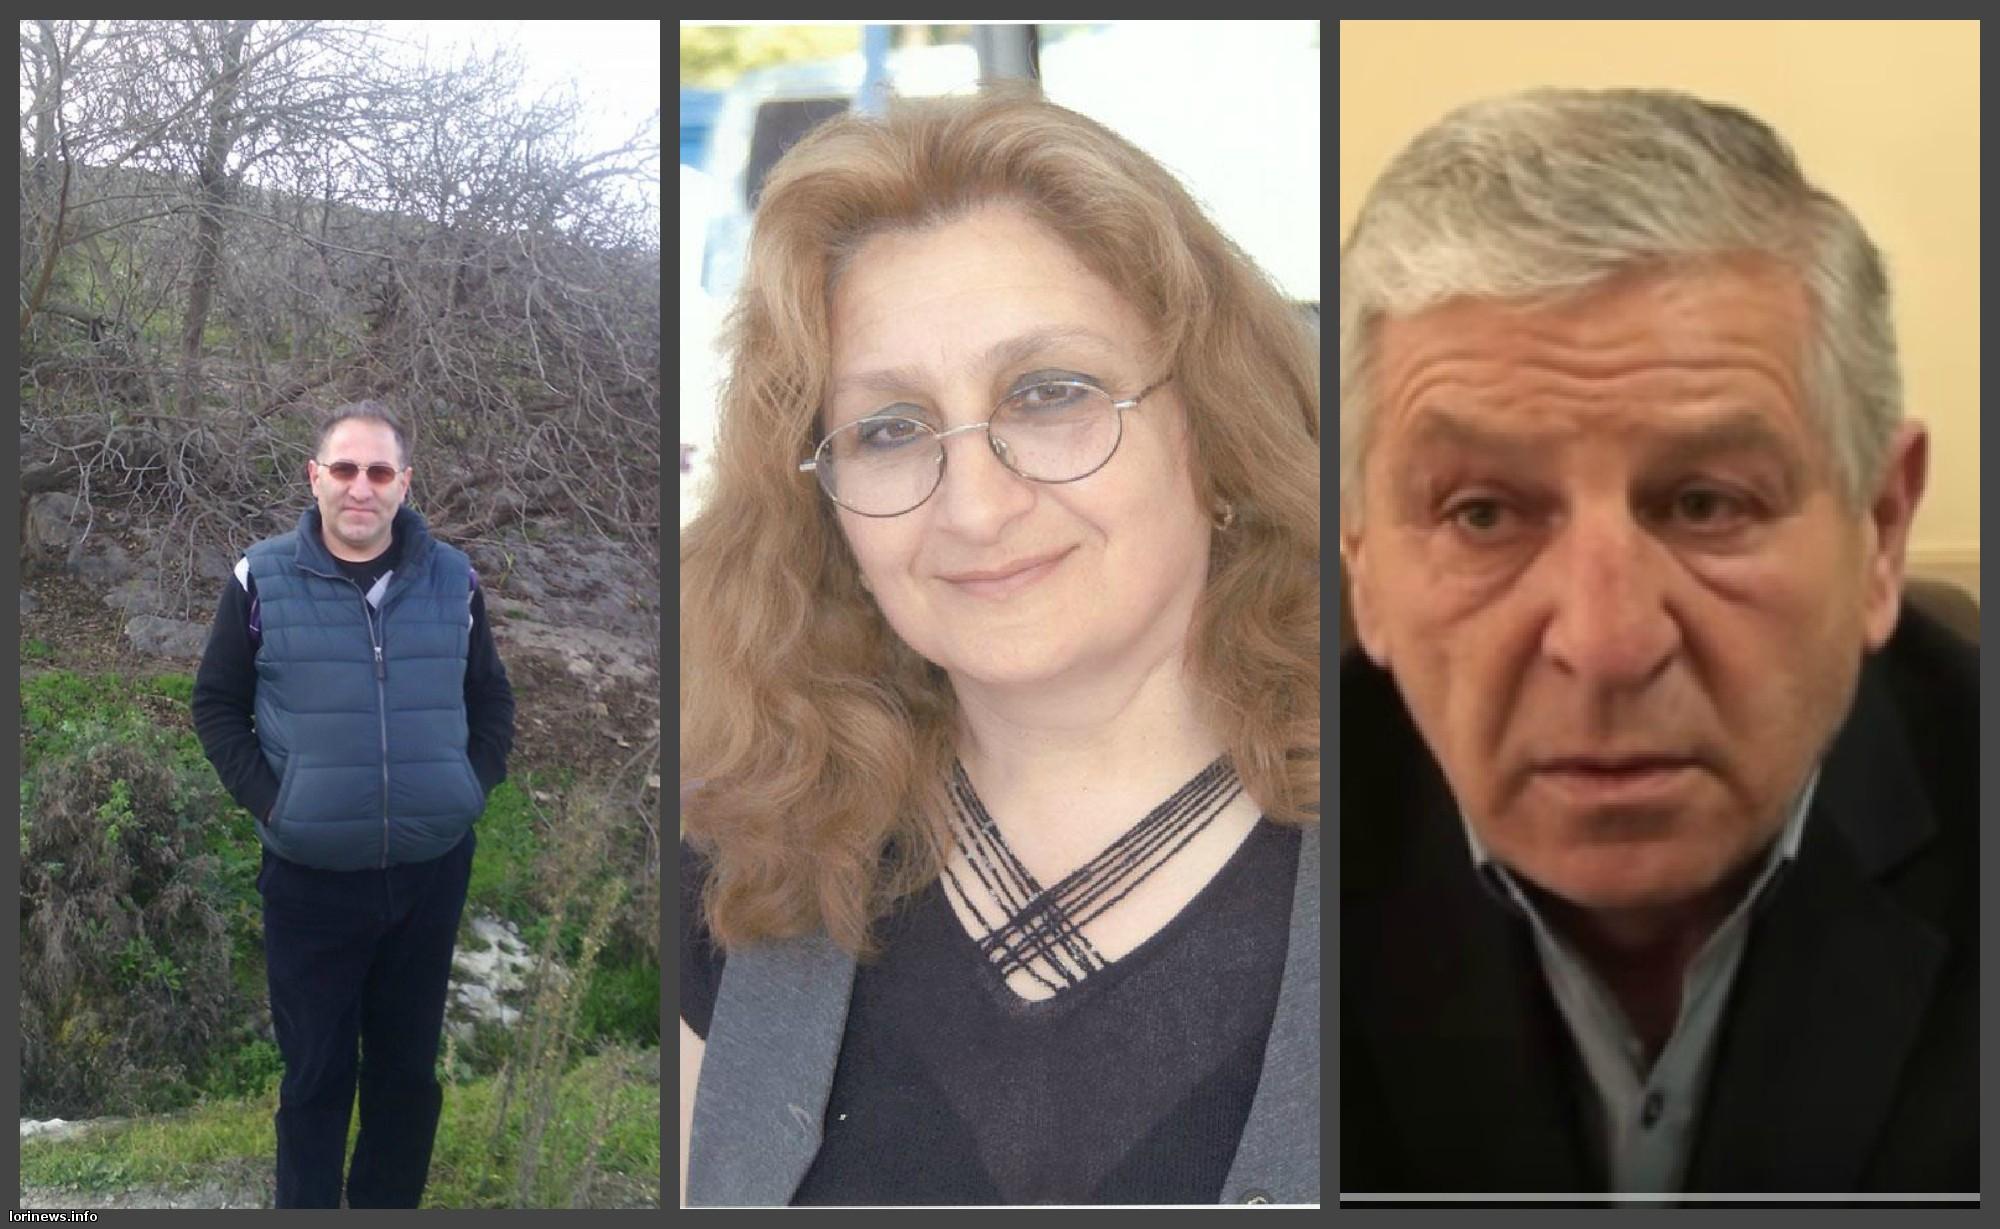 Լոռիում ՀՀԿ-ից արդեն իսկ հեռացել են 2 դպրոցի տնօրեններ   ու նախկին գյուղապետ